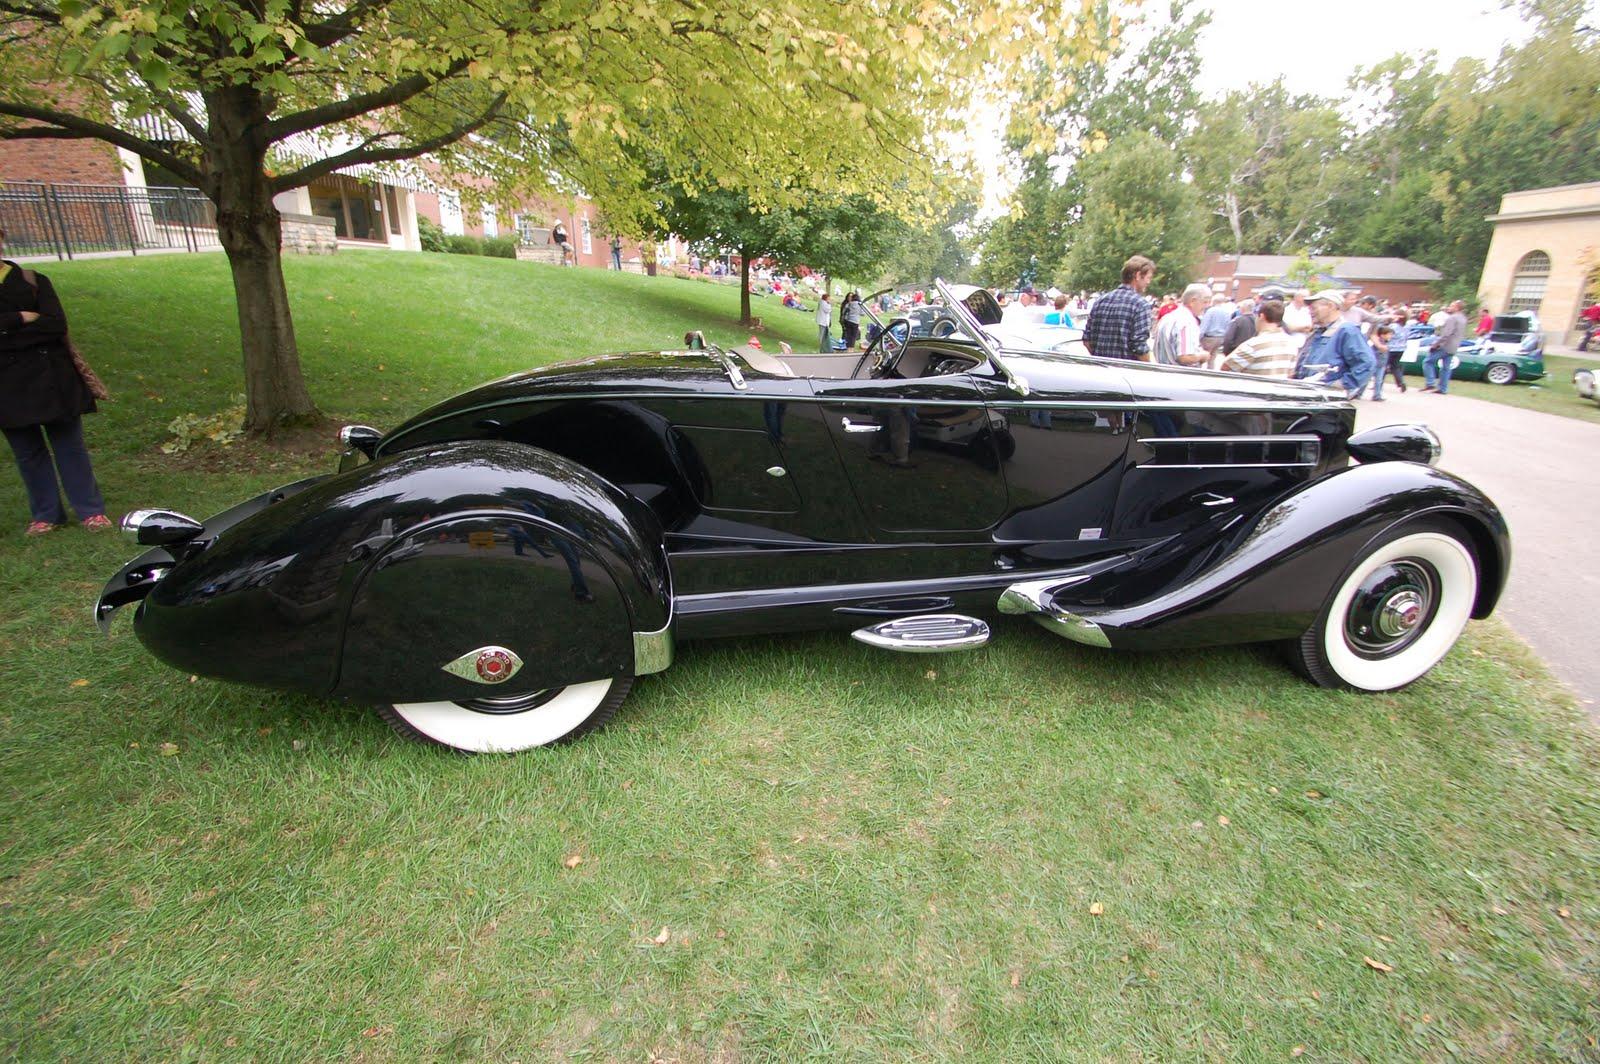 Cruella Deville Car Meets cruella deville Cruella Deville Car Disney